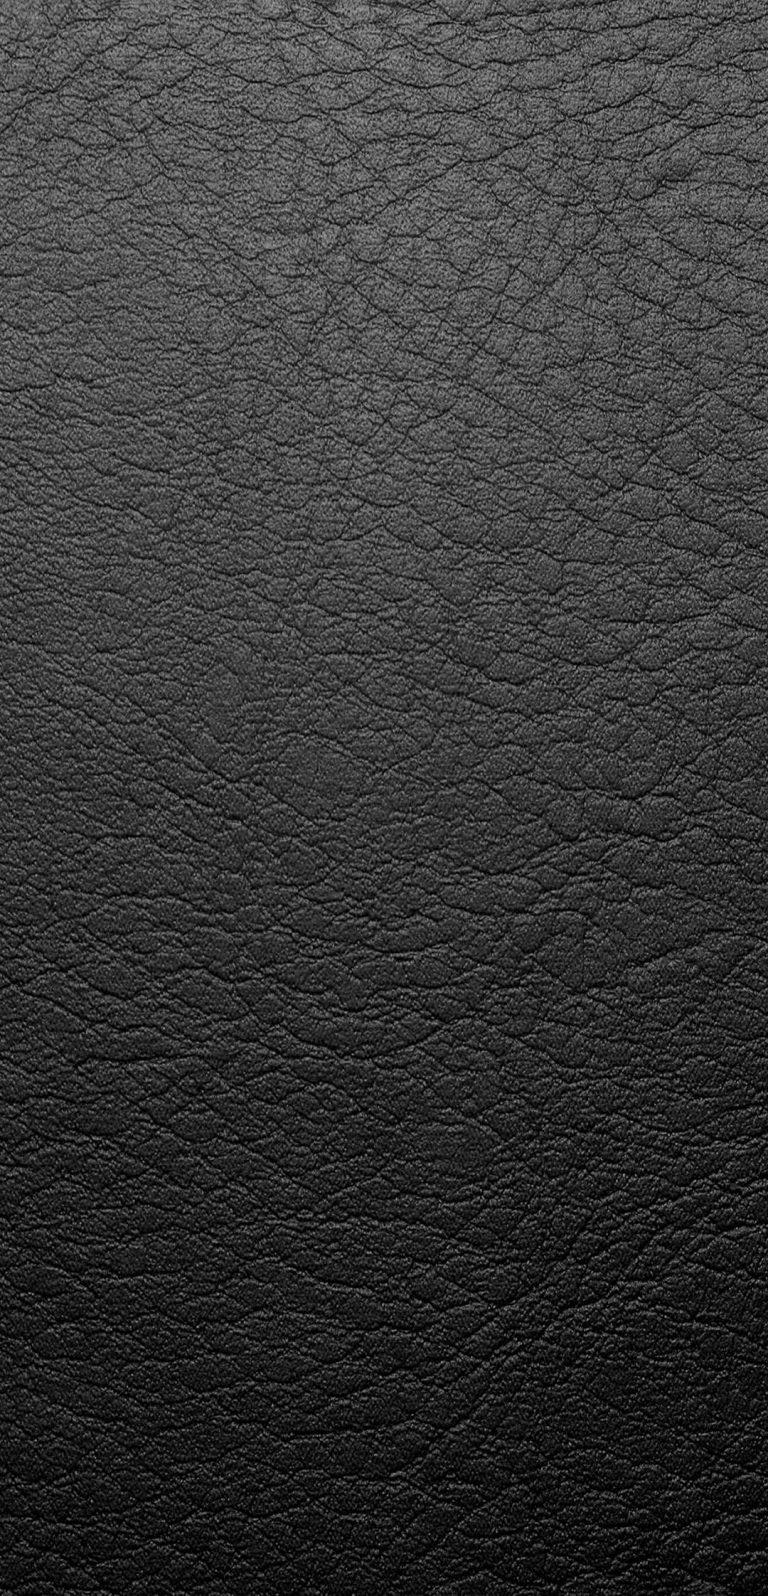 1080x2244 Wallpaper 072 768x1596